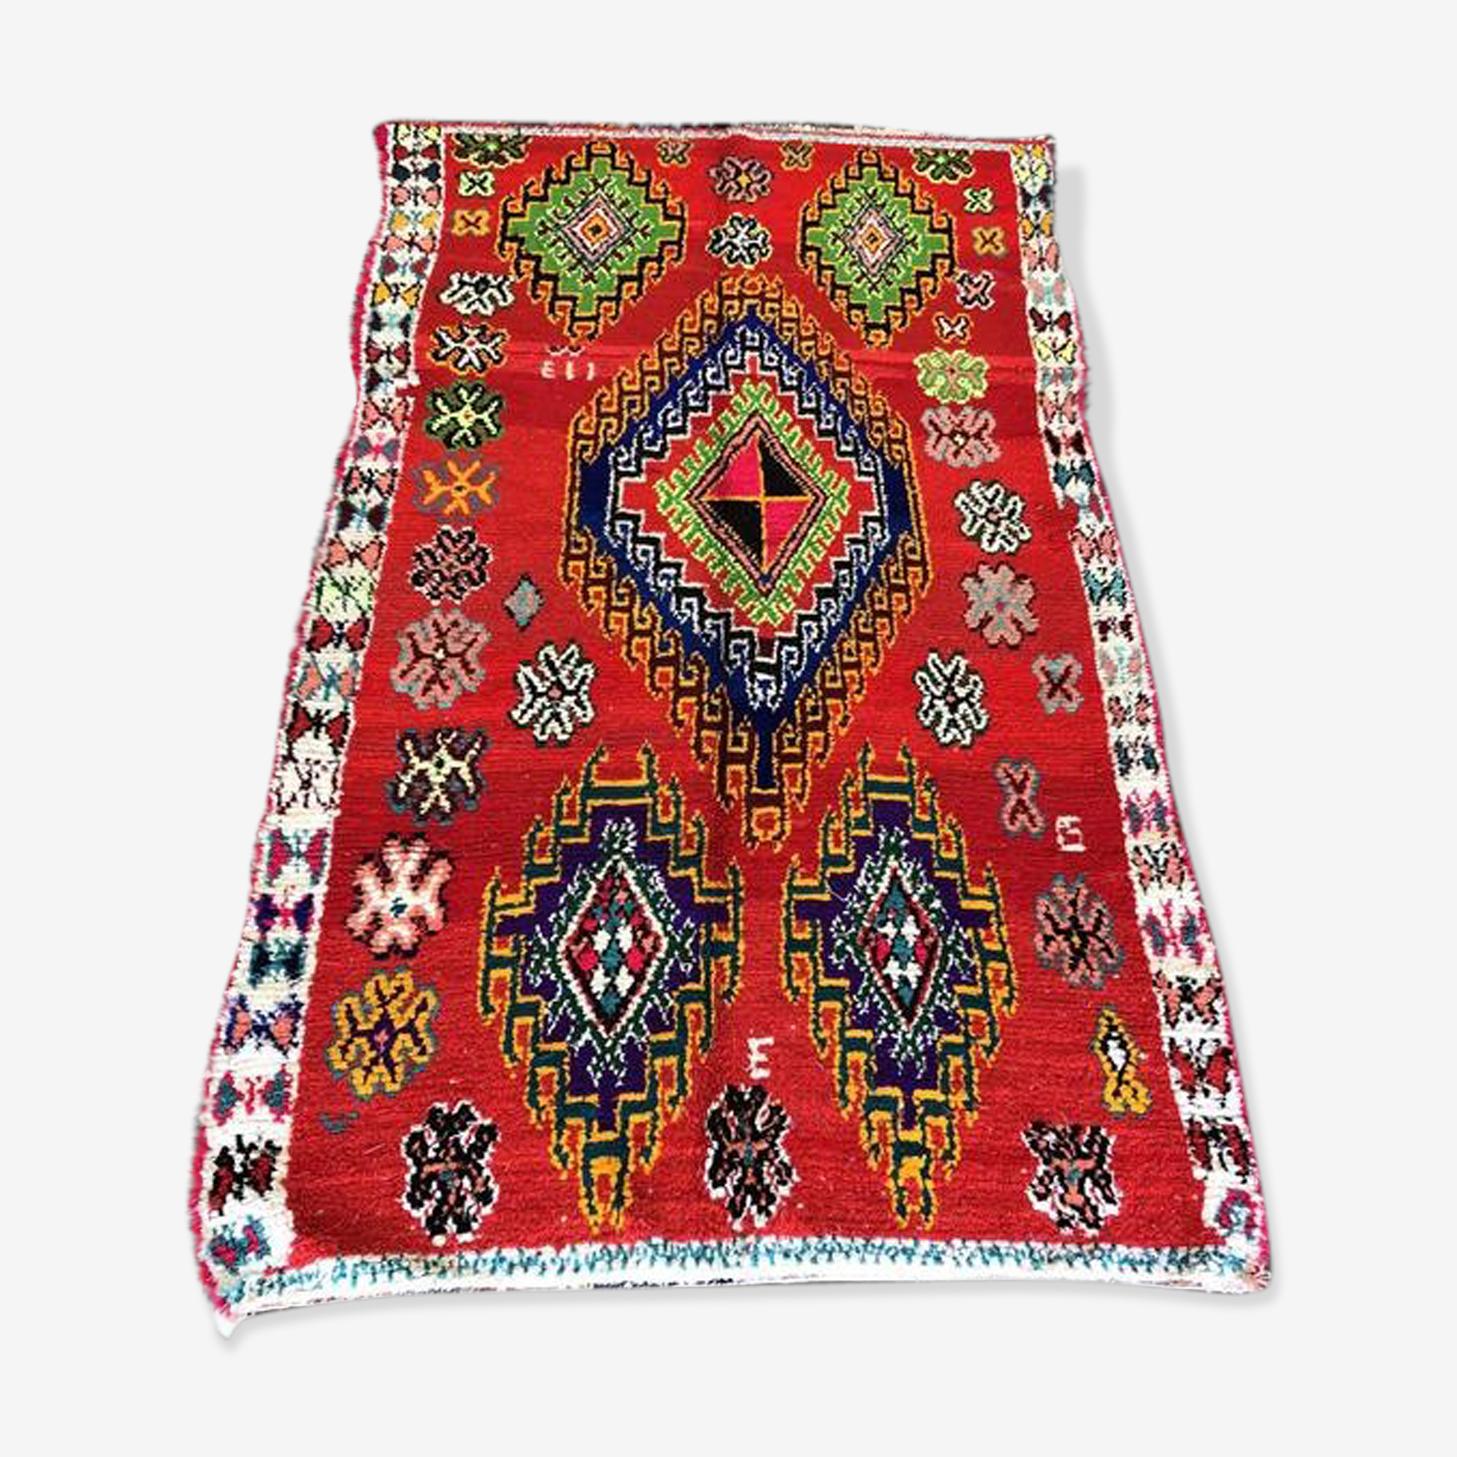 Tapis Marocain Boucherouite 145x260 Cm Laine Coton Rouge